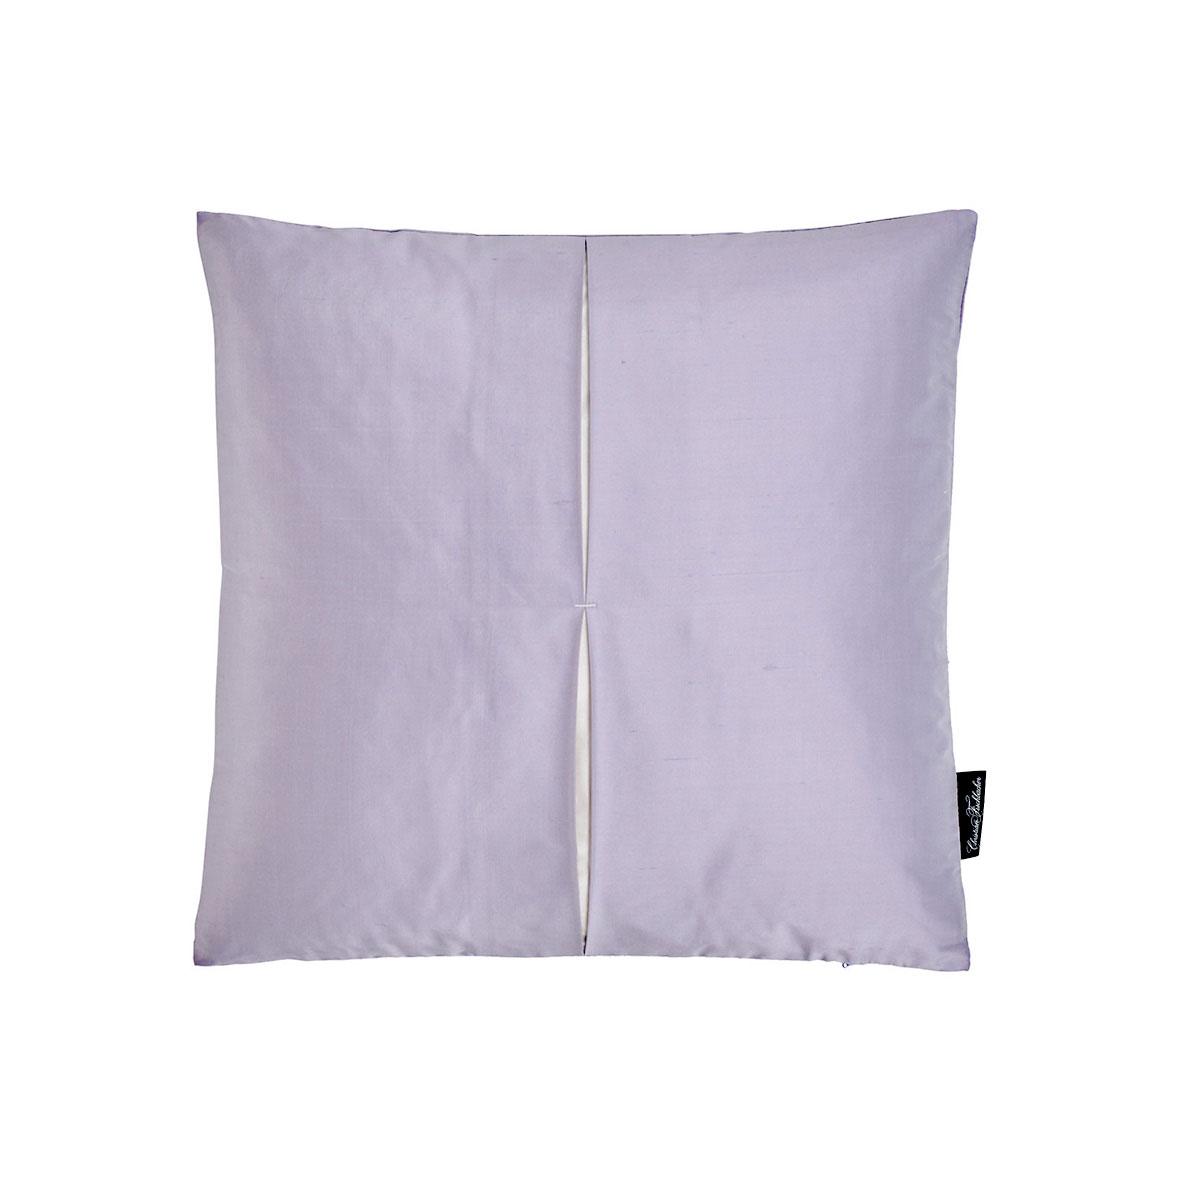 Zierkissen Jamila - Seide - Farbe violett - Christian Fischbacher